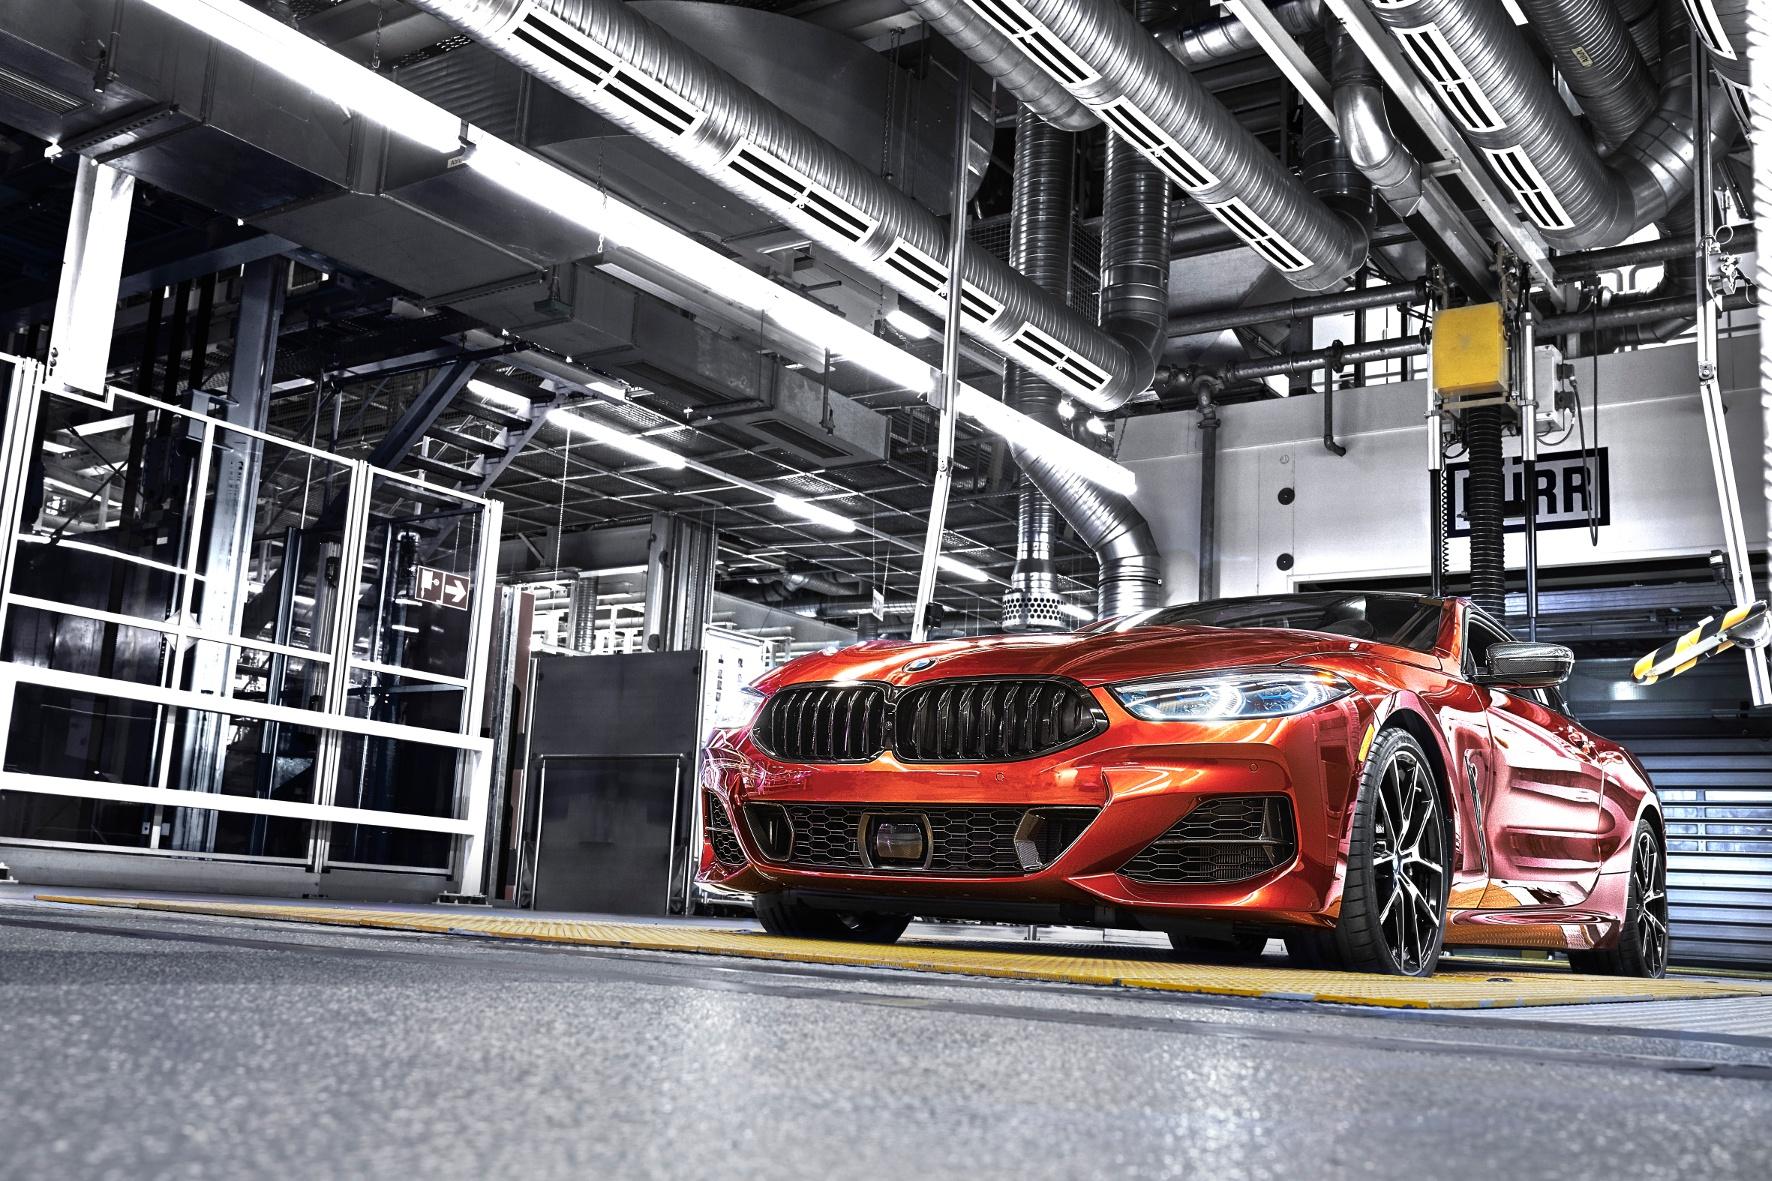 Internationale TRD News aus der Automobilindustrie